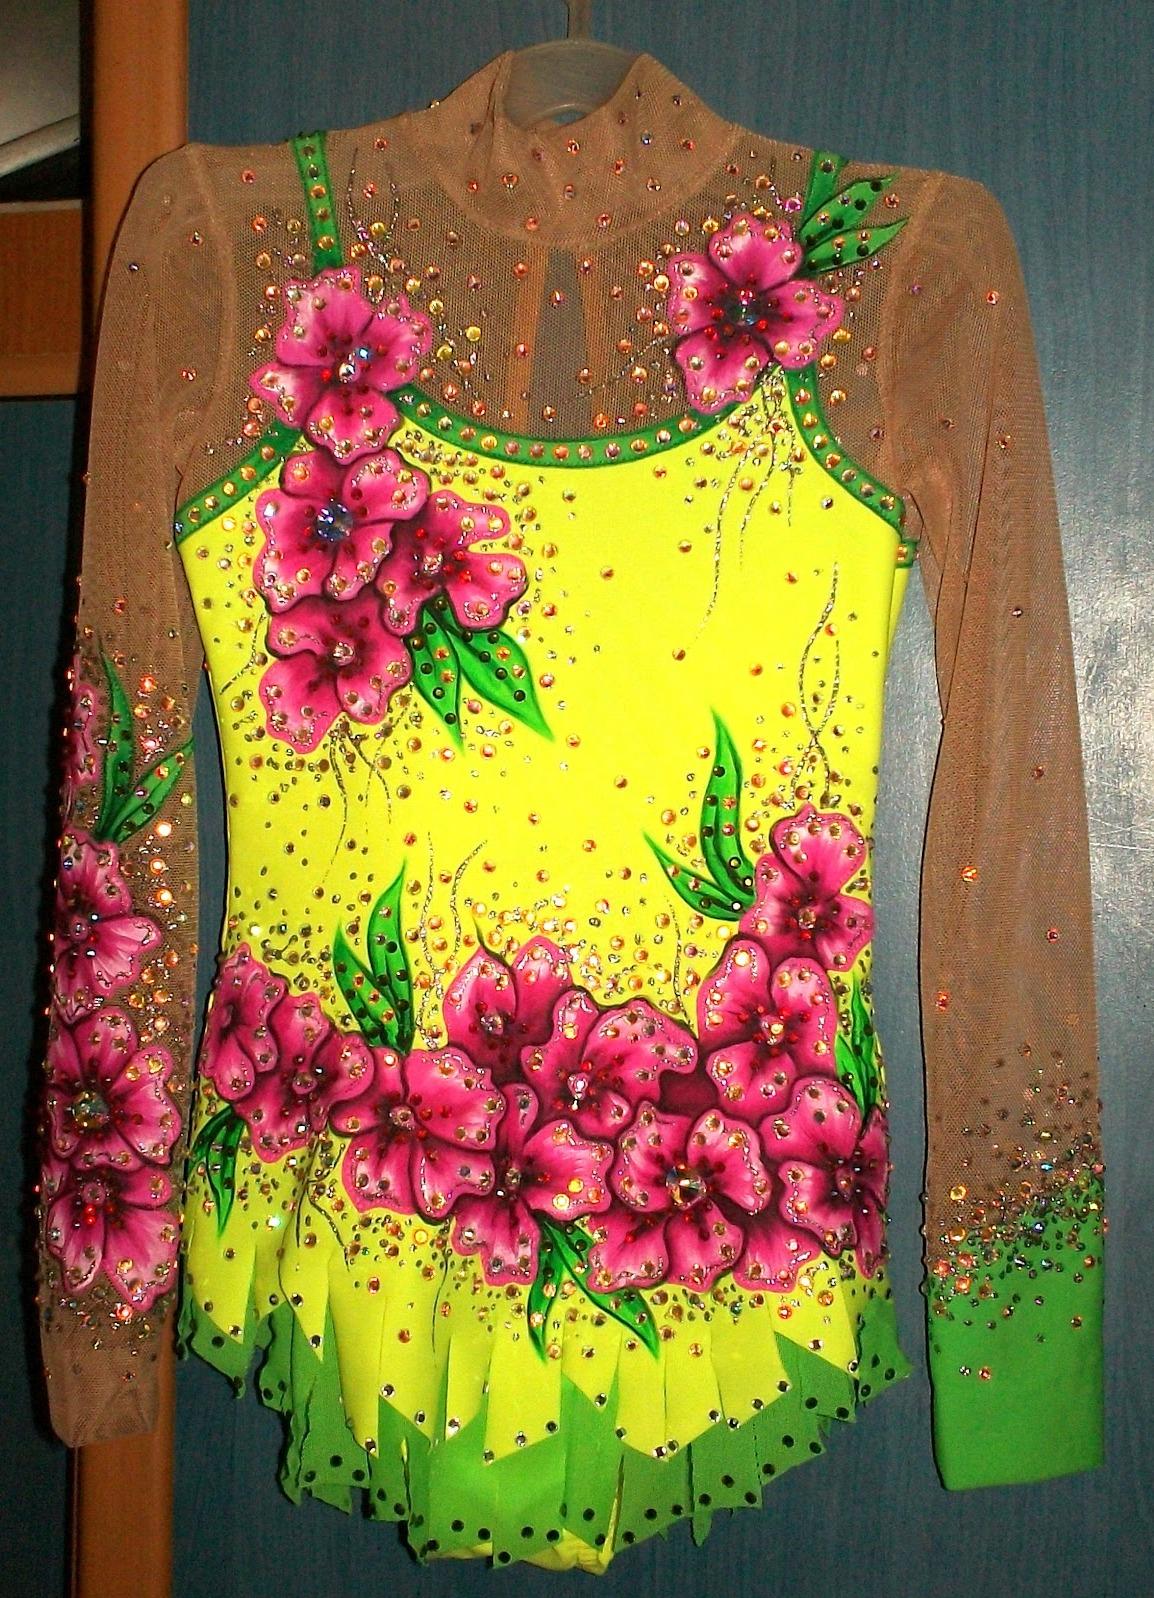 джованни платья вечерние длинные купить в днепропетровске